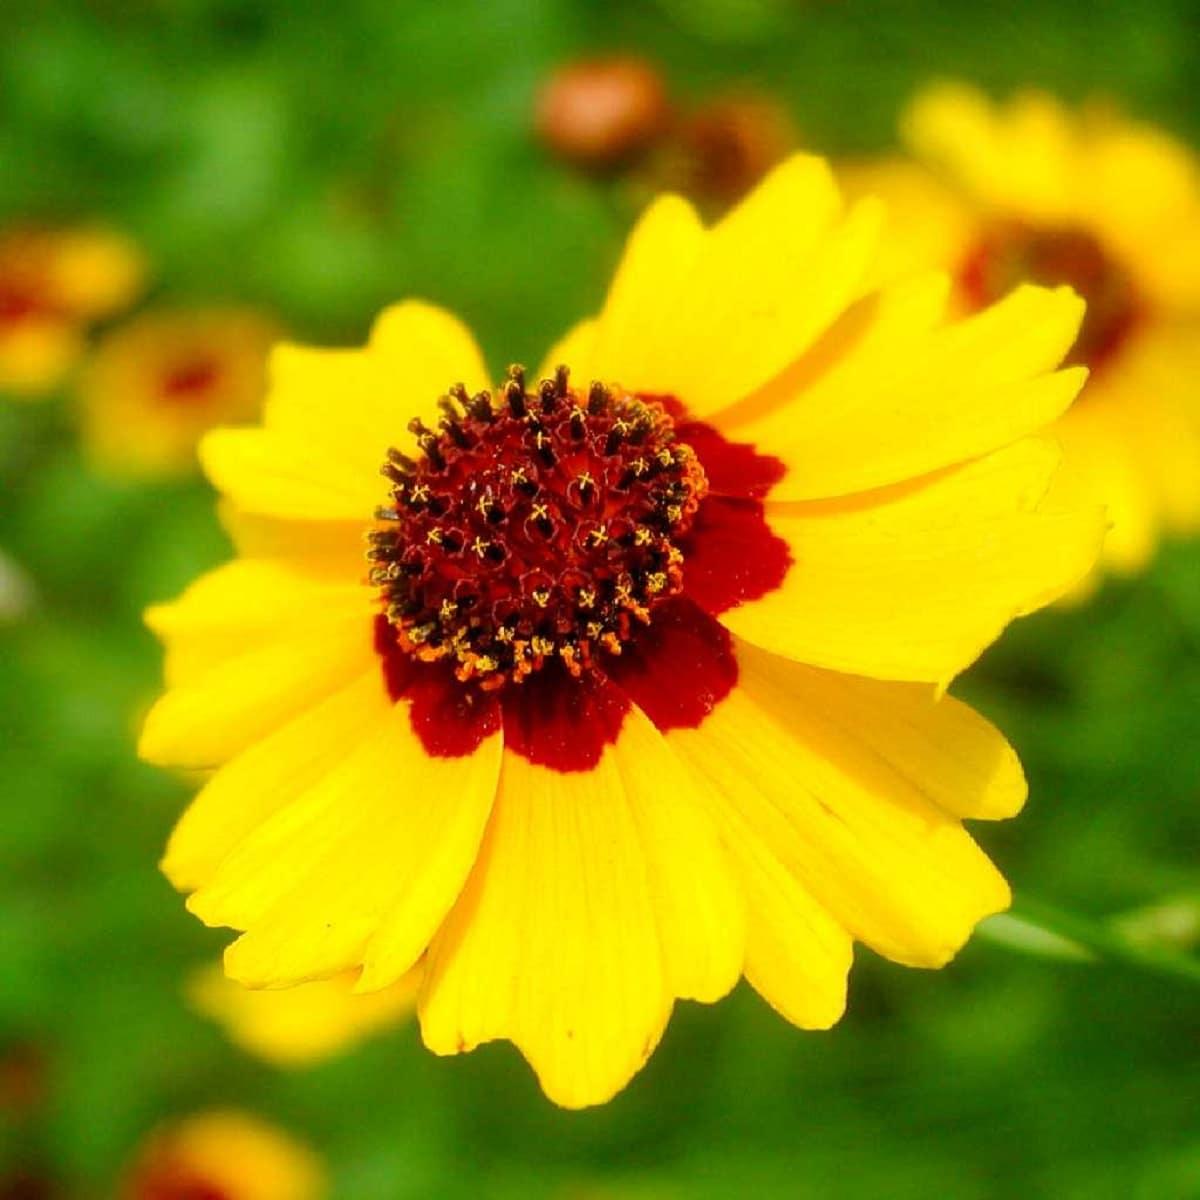 belleza de las flores de la estrella del norte